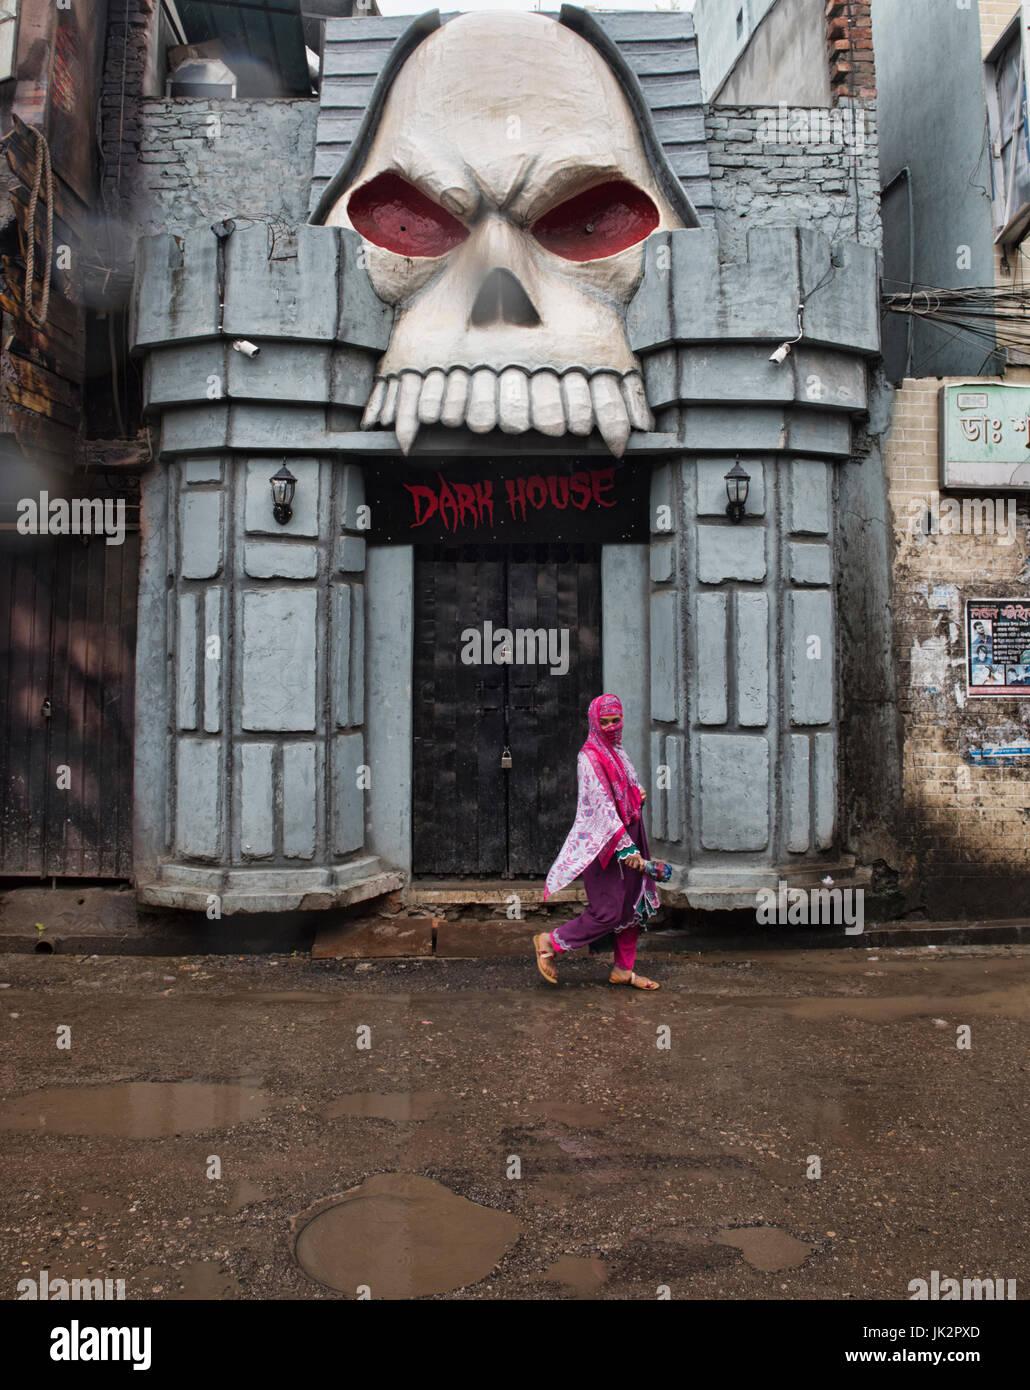 Woman and ghoul, Dhaka, Bangladesh - Stock Image